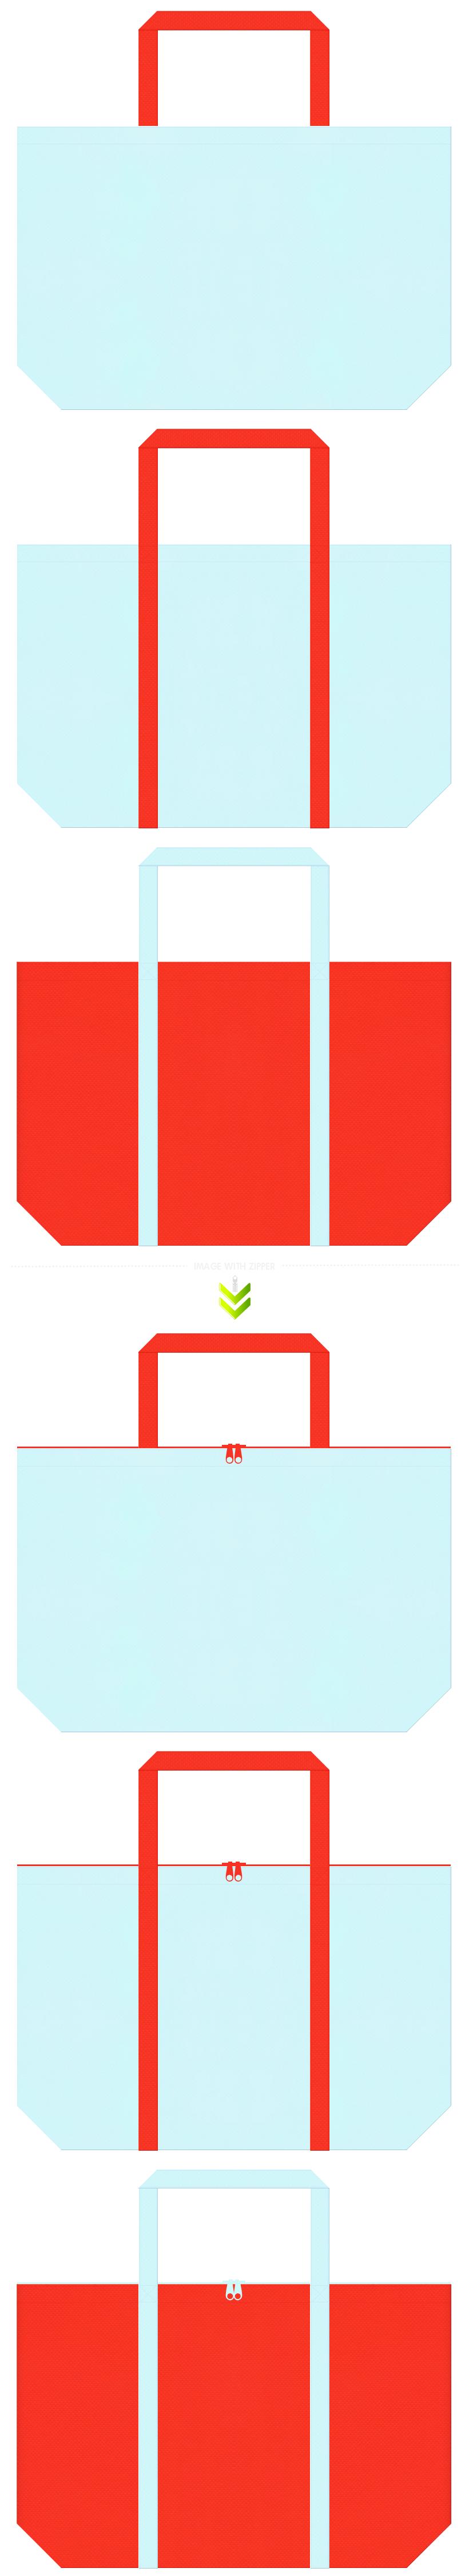 水色とオレンジ色の不織布エコバッグのデザイン。サプリメントのイメージにお奨めの配色です。